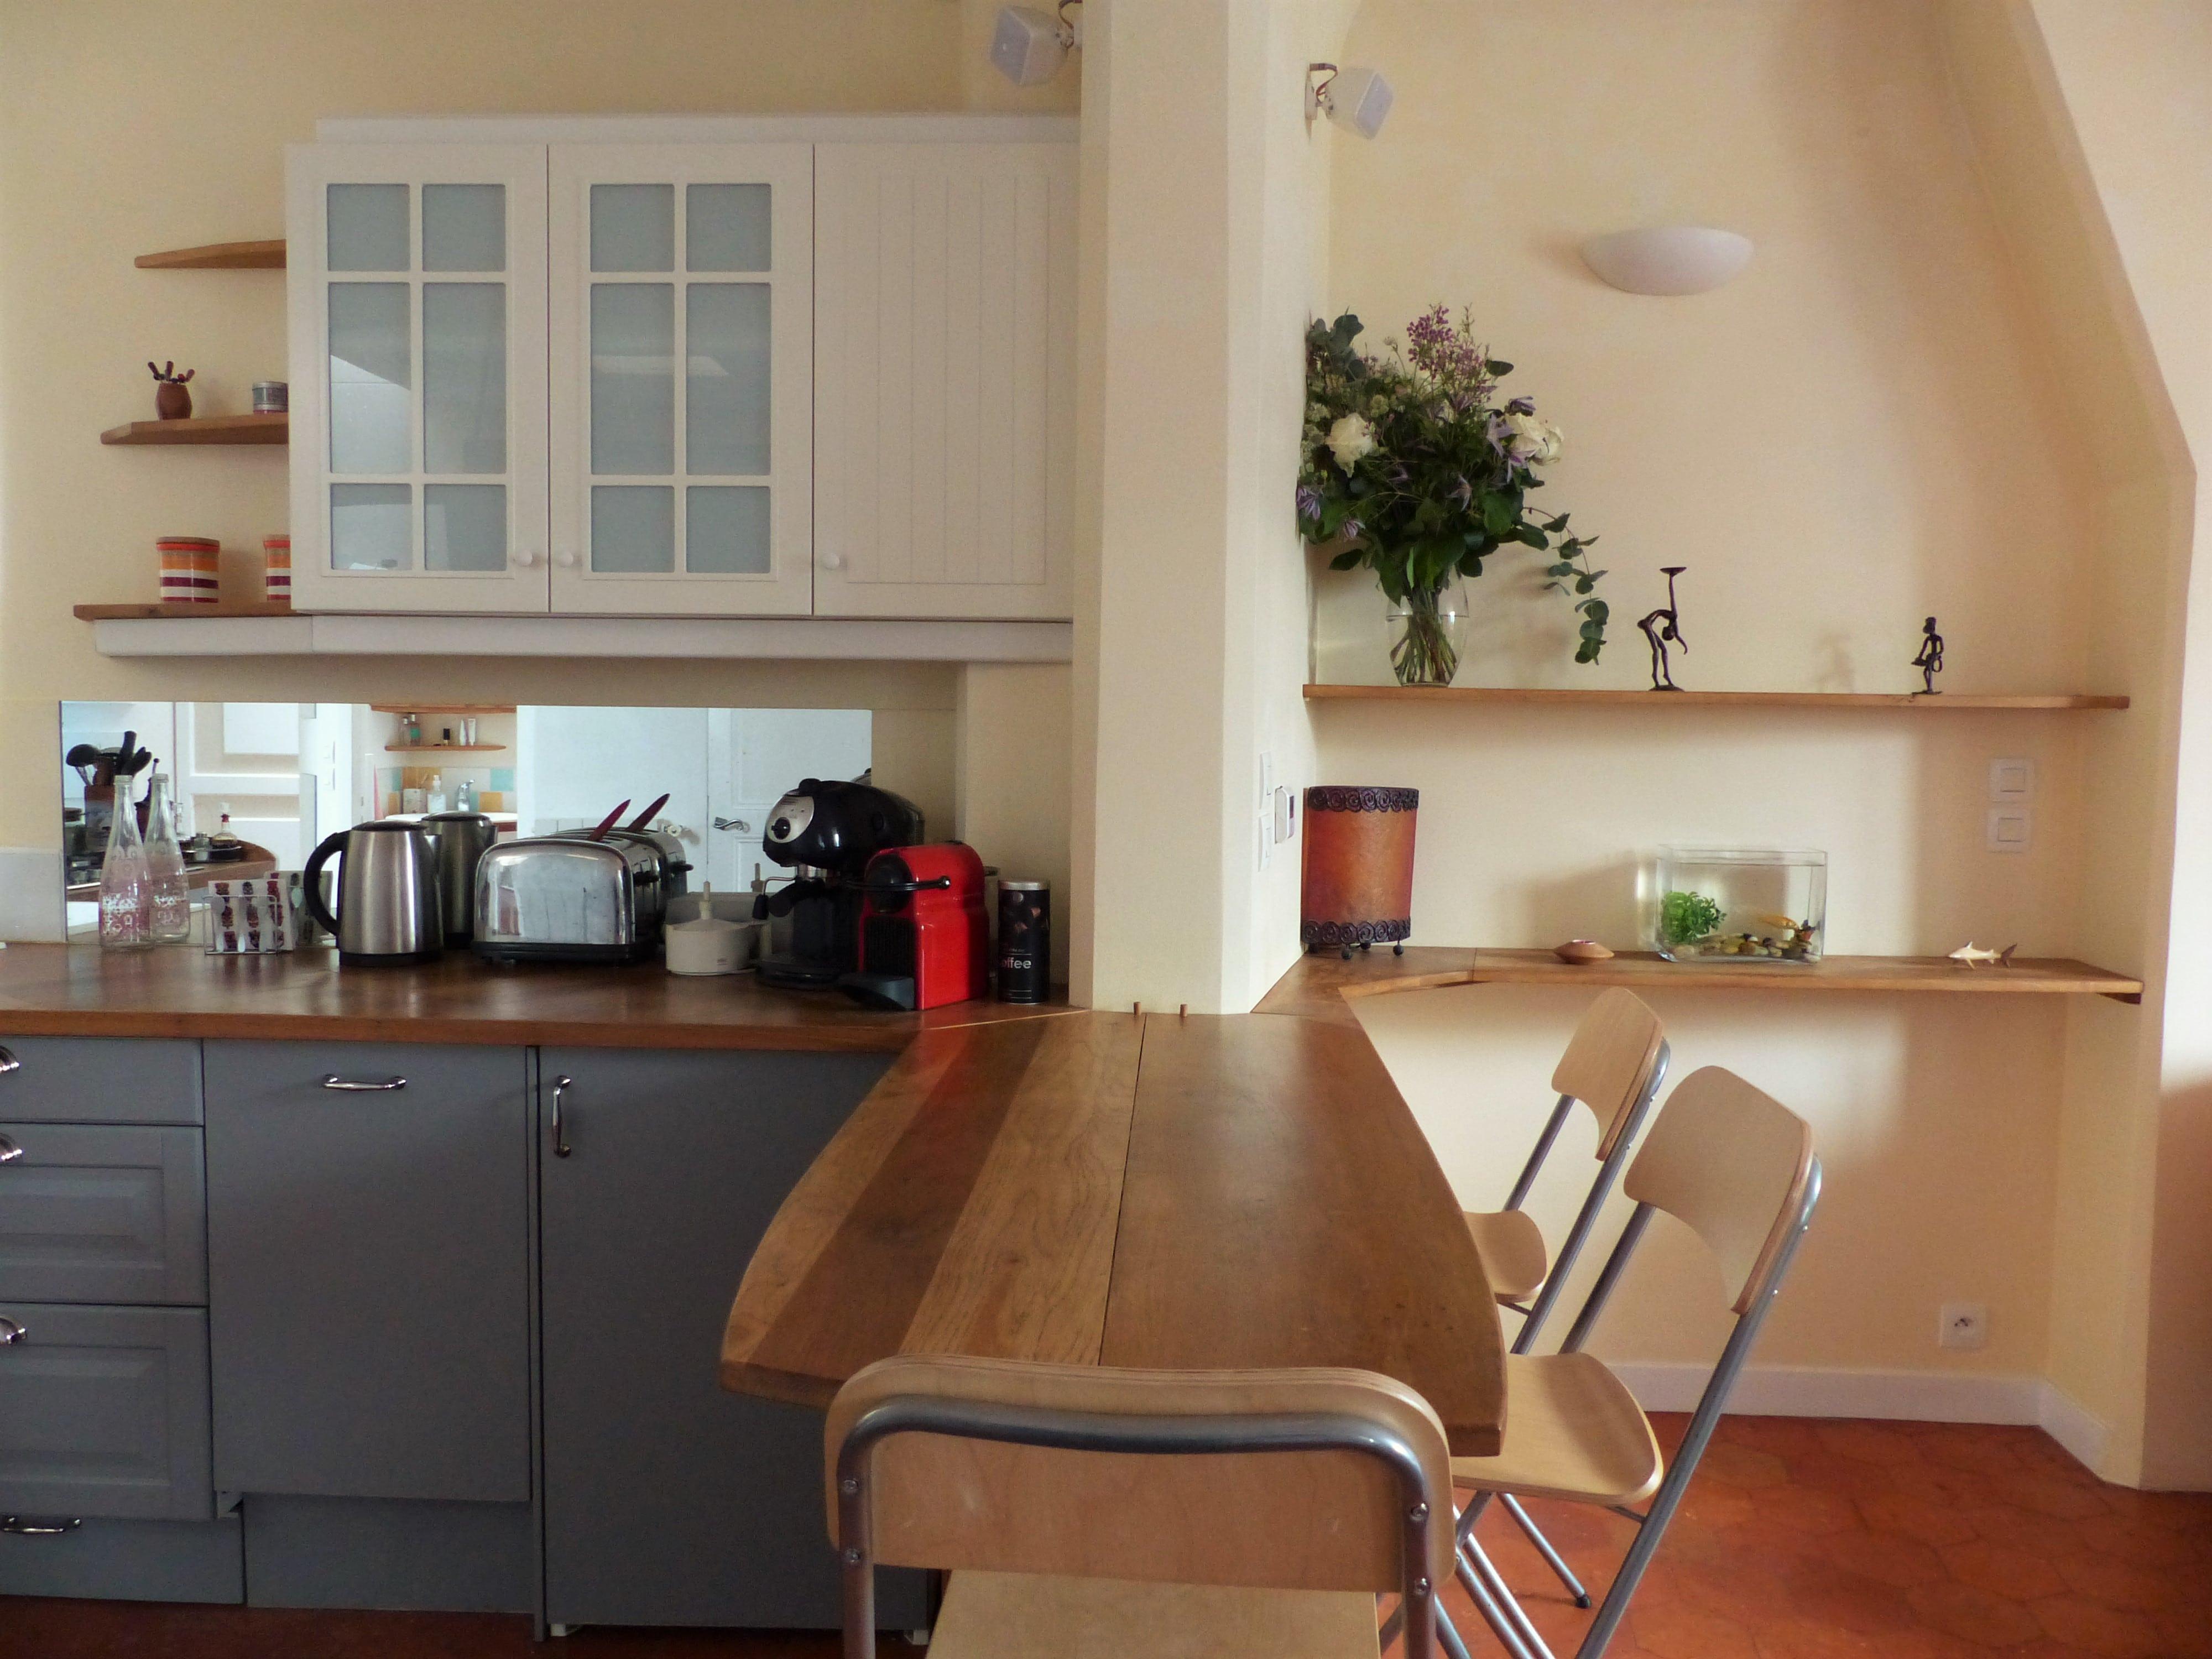 PropriLib l'agence immobilière sans commission vend cet appartement à Paris 17 ème